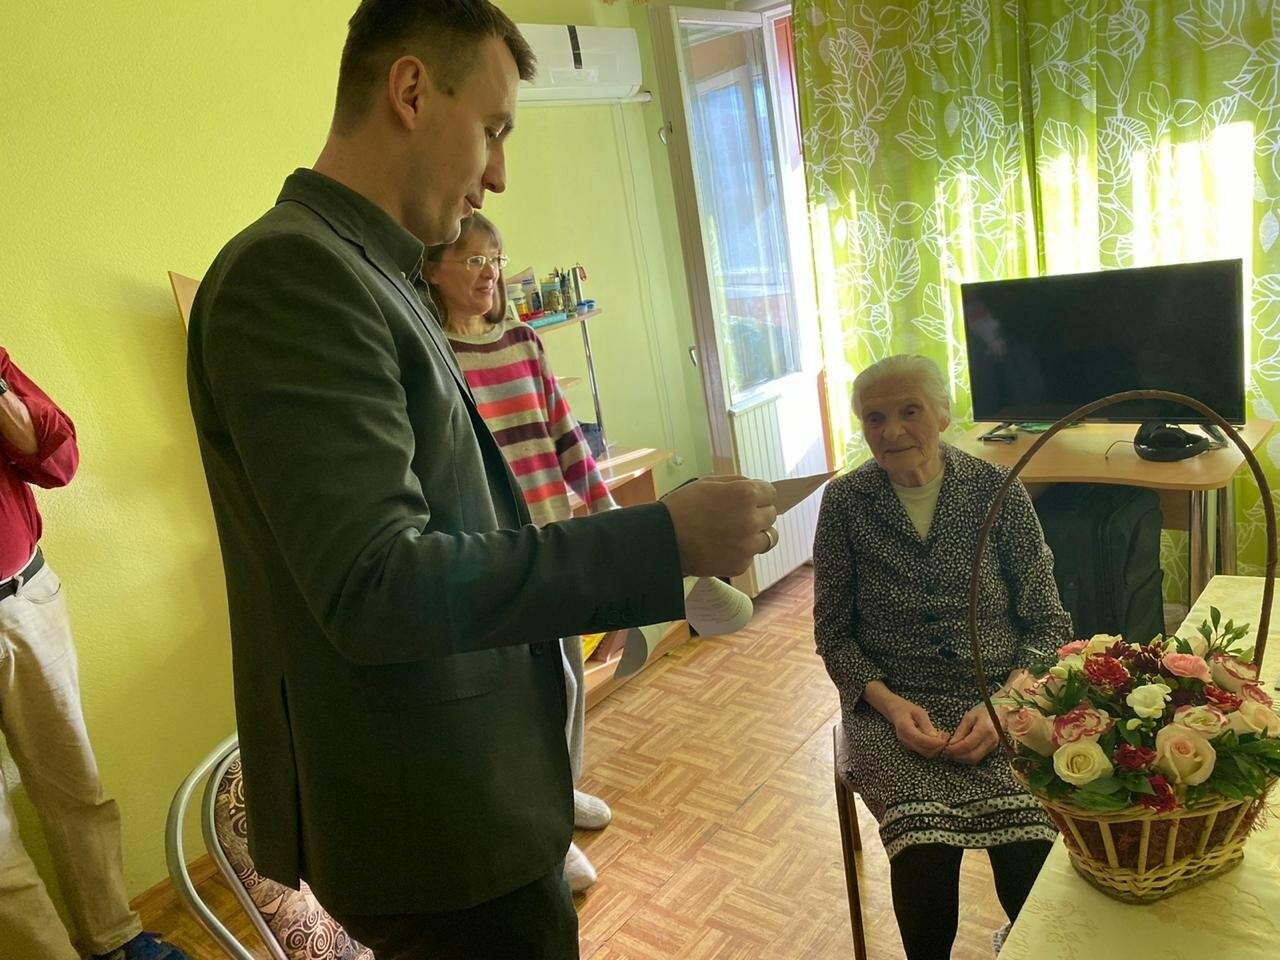 Ветеранам Ялты вручили юбилейные медали в честь 75-летия Победы в ВОВ, фото-8